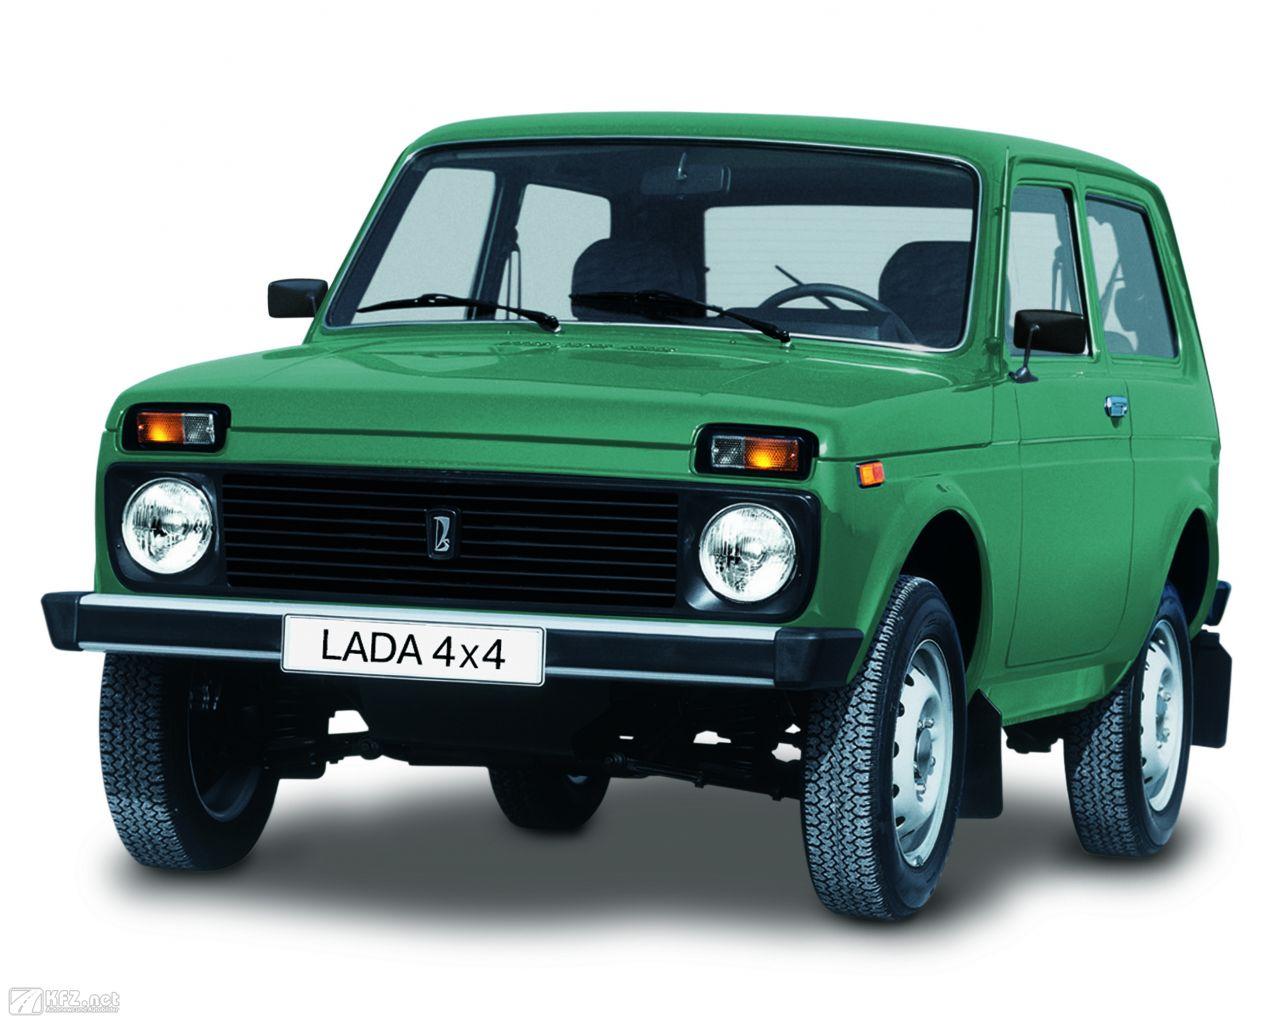 lada-niva-4x4-1280x1024-1